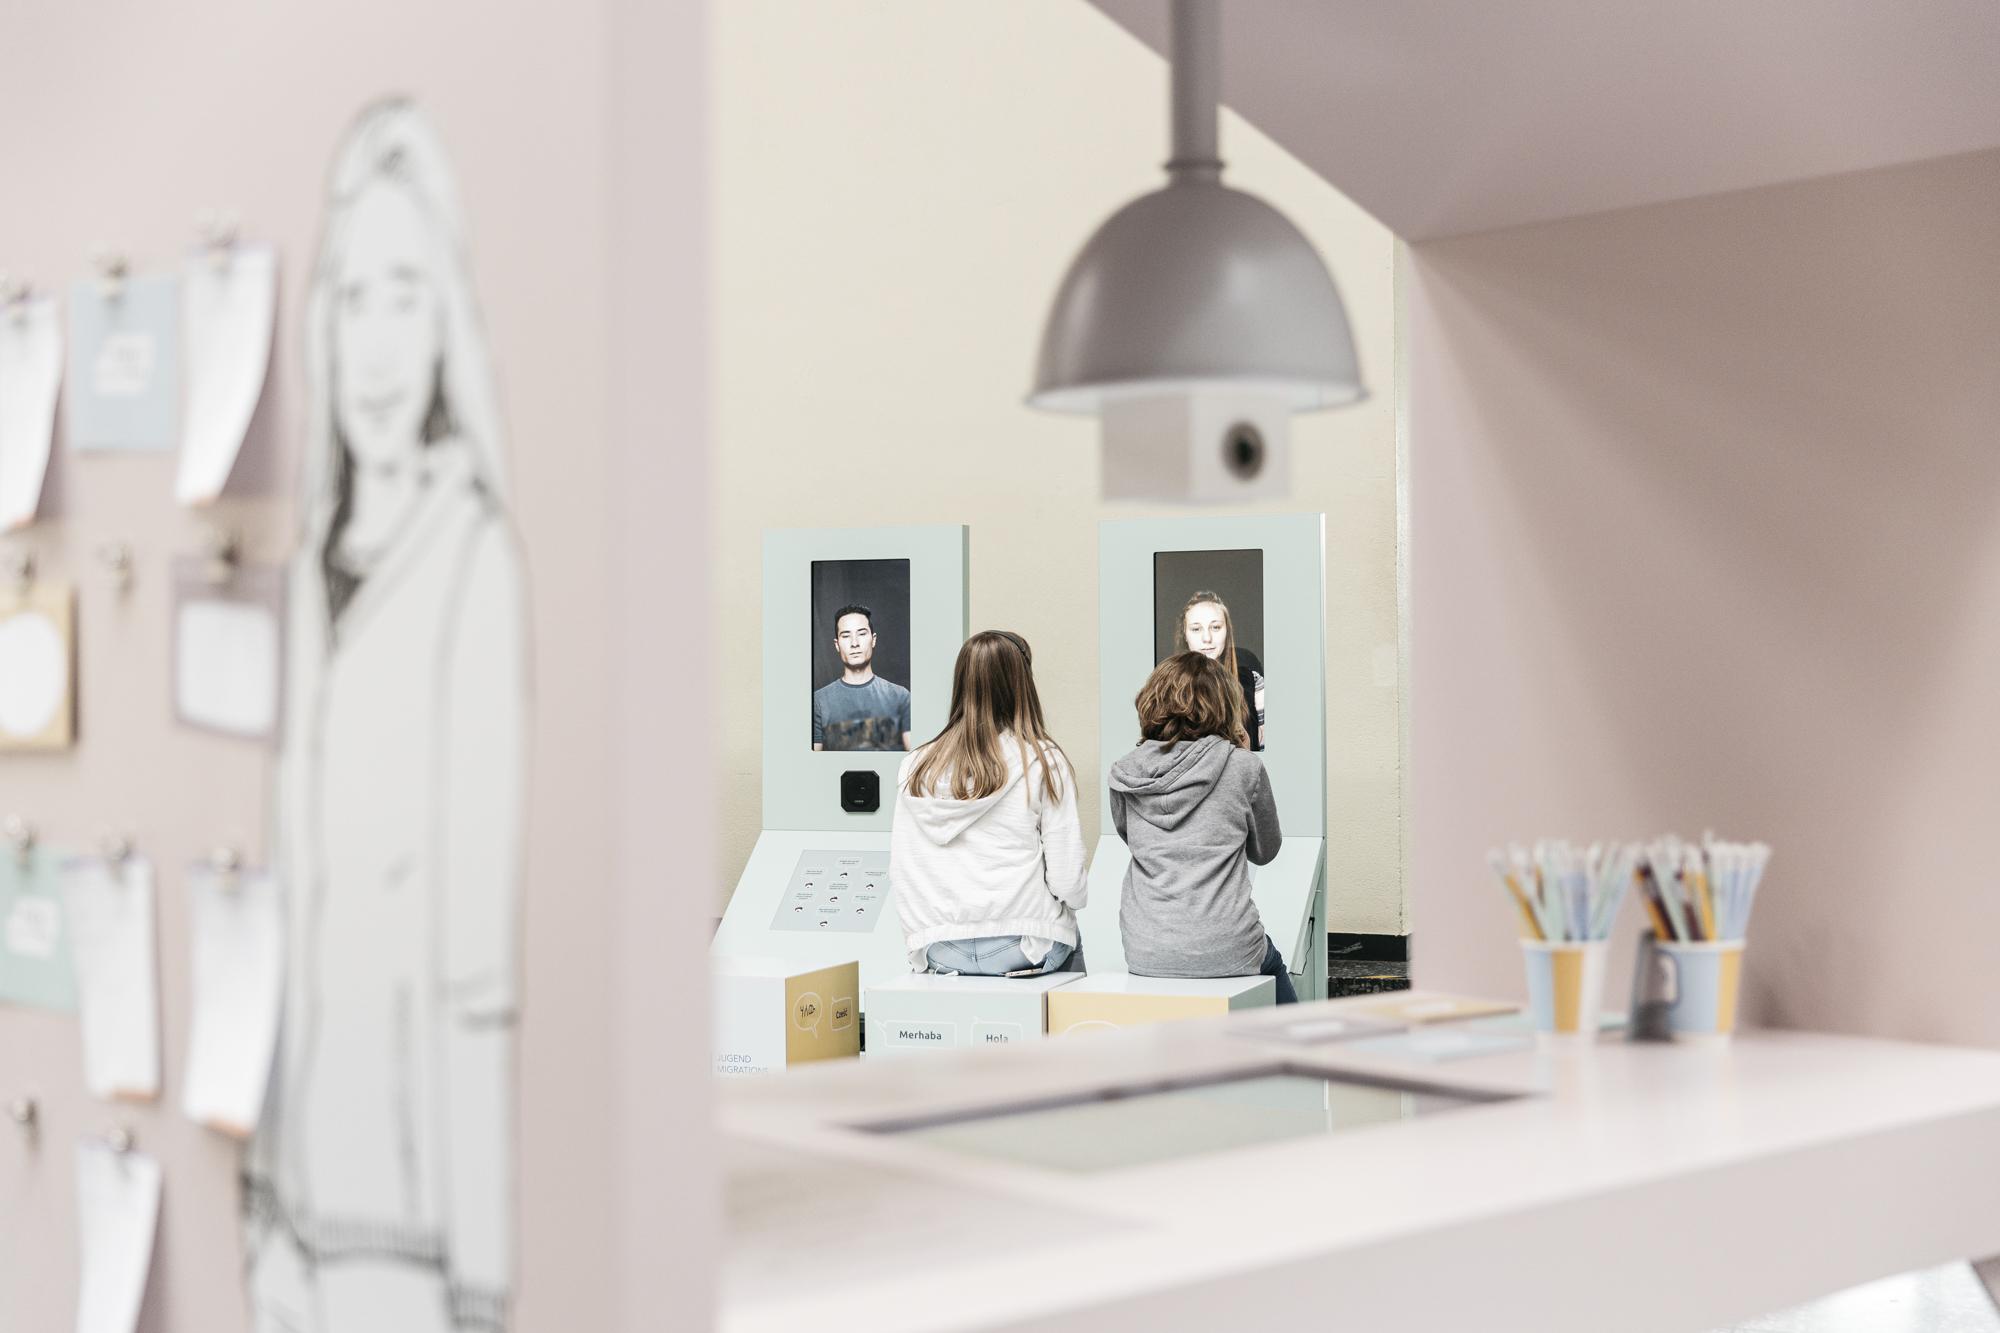 Zwei Mädchen sitzen nebeneinander auf Hockern an einem interaktiven Ausstellungsstück.